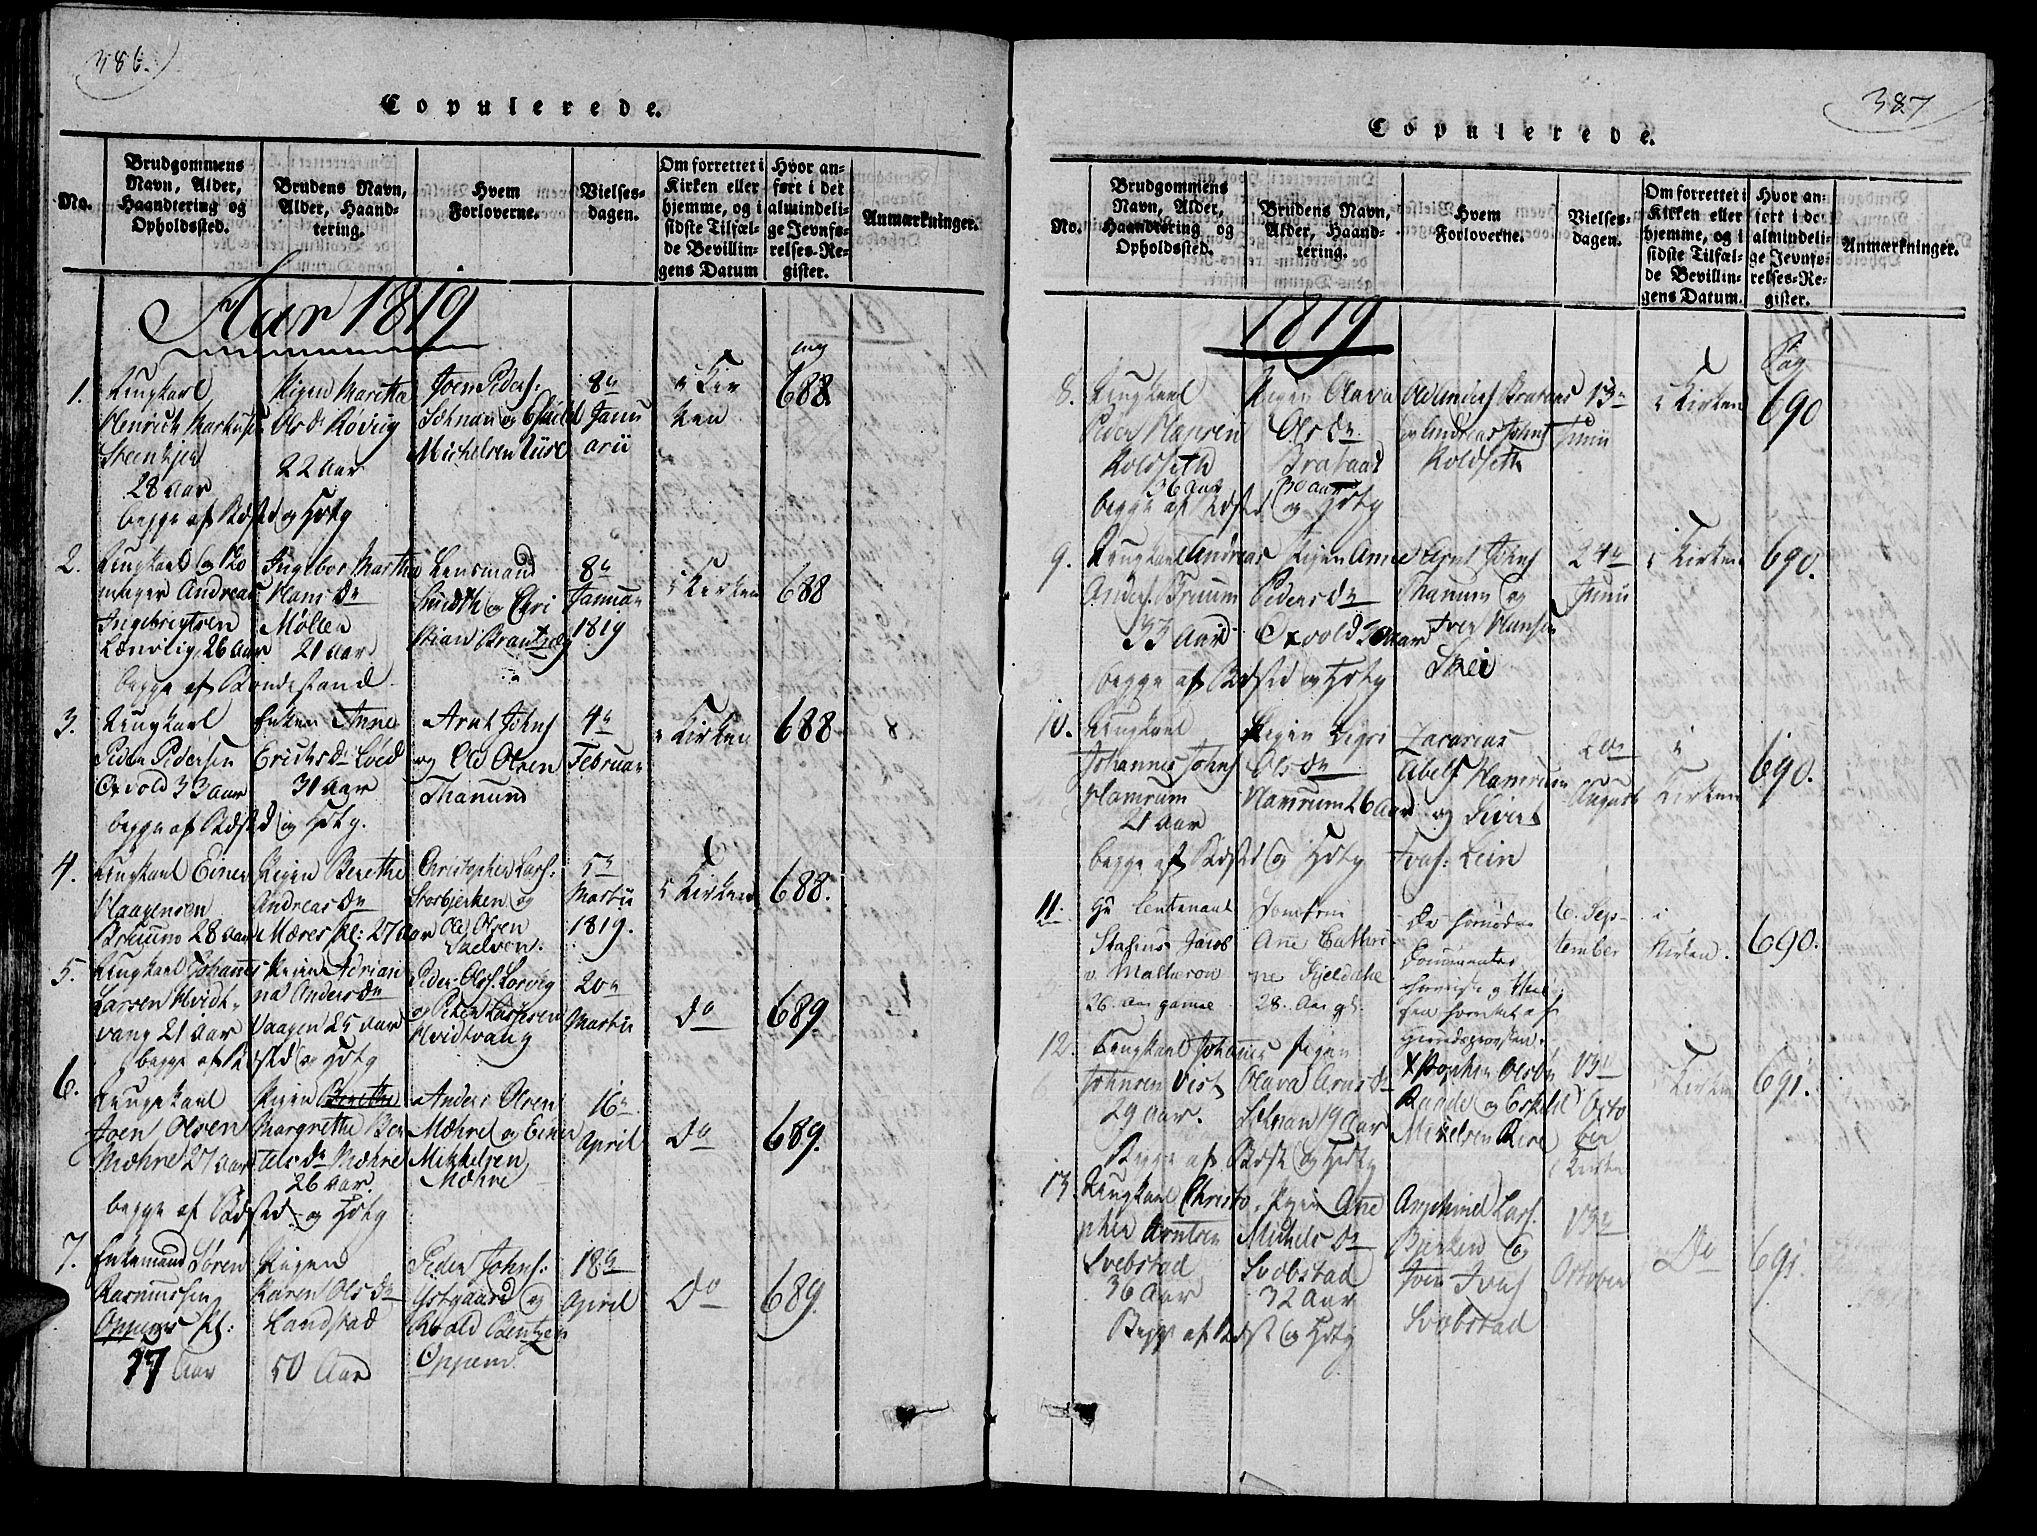 SAT, Ministerialprotokoller, klokkerbøker og fødselsregistre - Nord-Trøndelag, 735/L0333: Ministerialbok nr. 735A04 /1, 1816-1824, s. 386-387